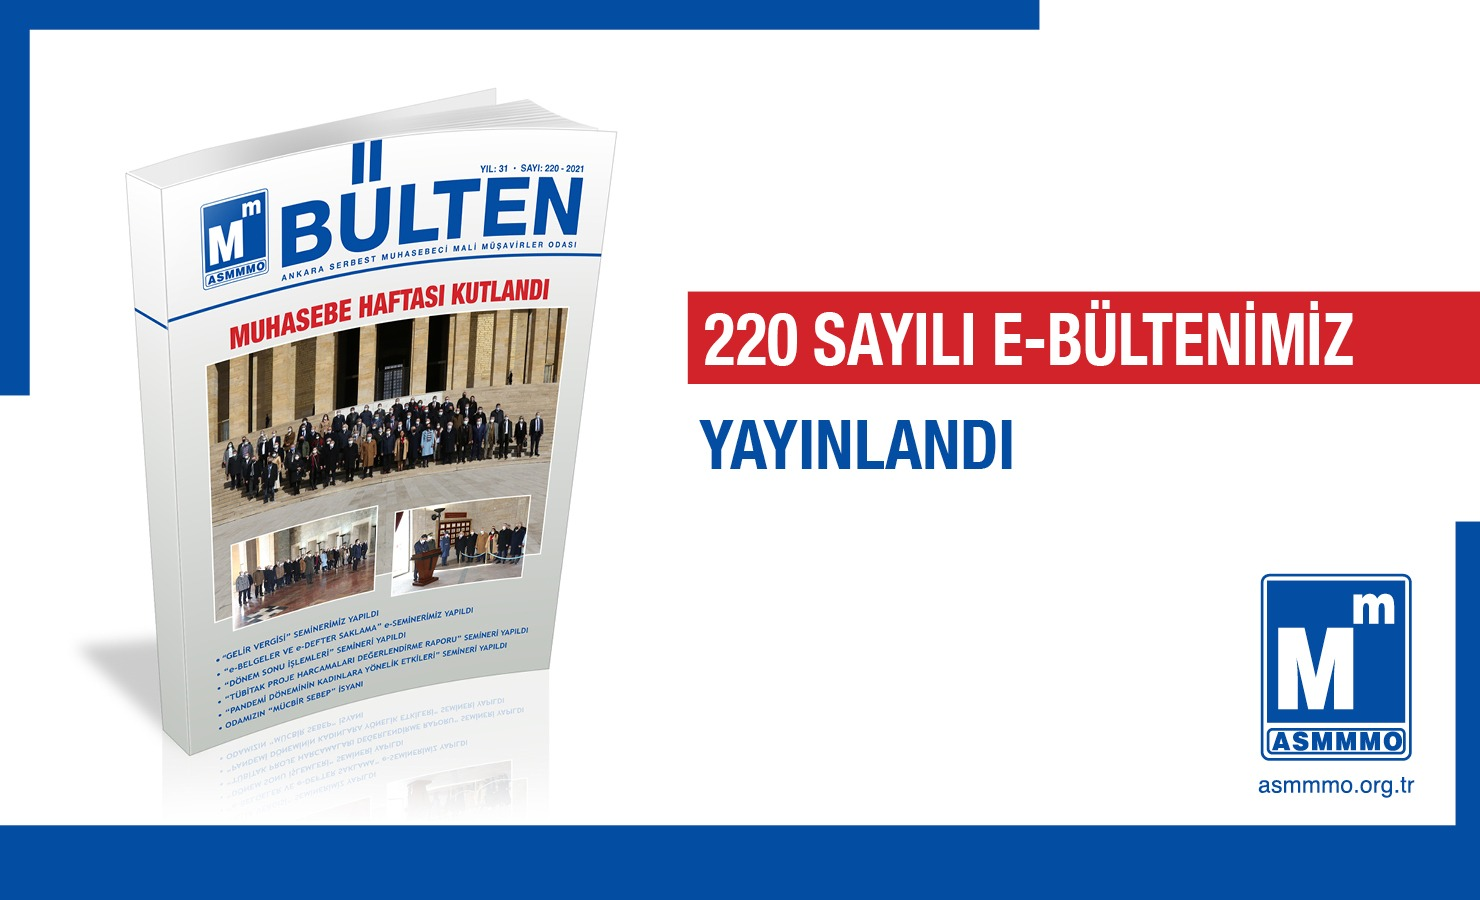 220 Sayılı e-Bültenimiz Yayınlandı